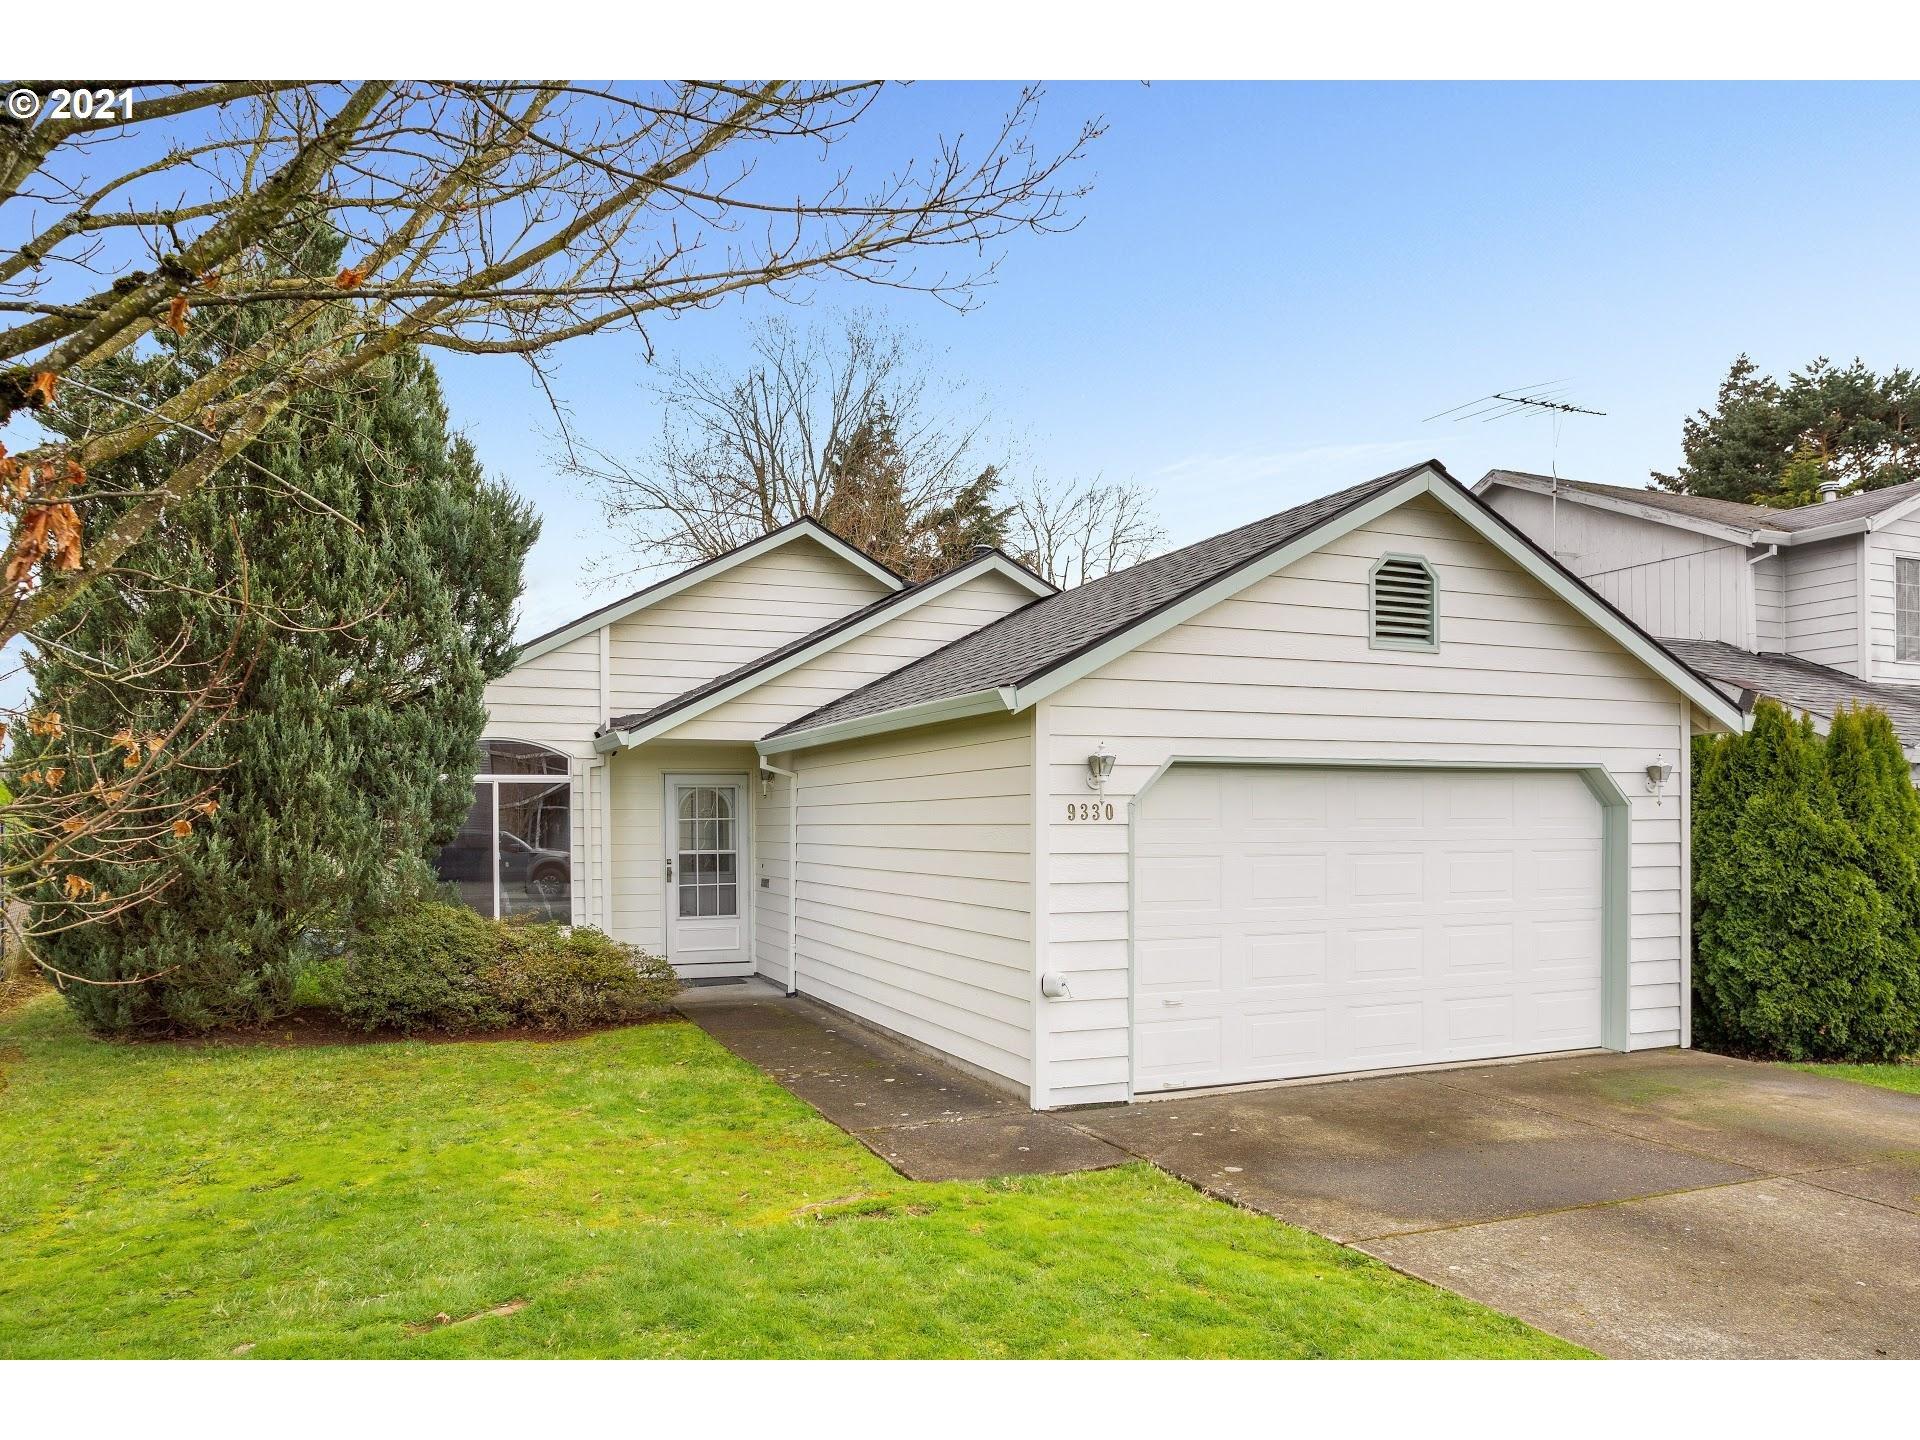 9330 SE MARKET ST, Portland OR 97216